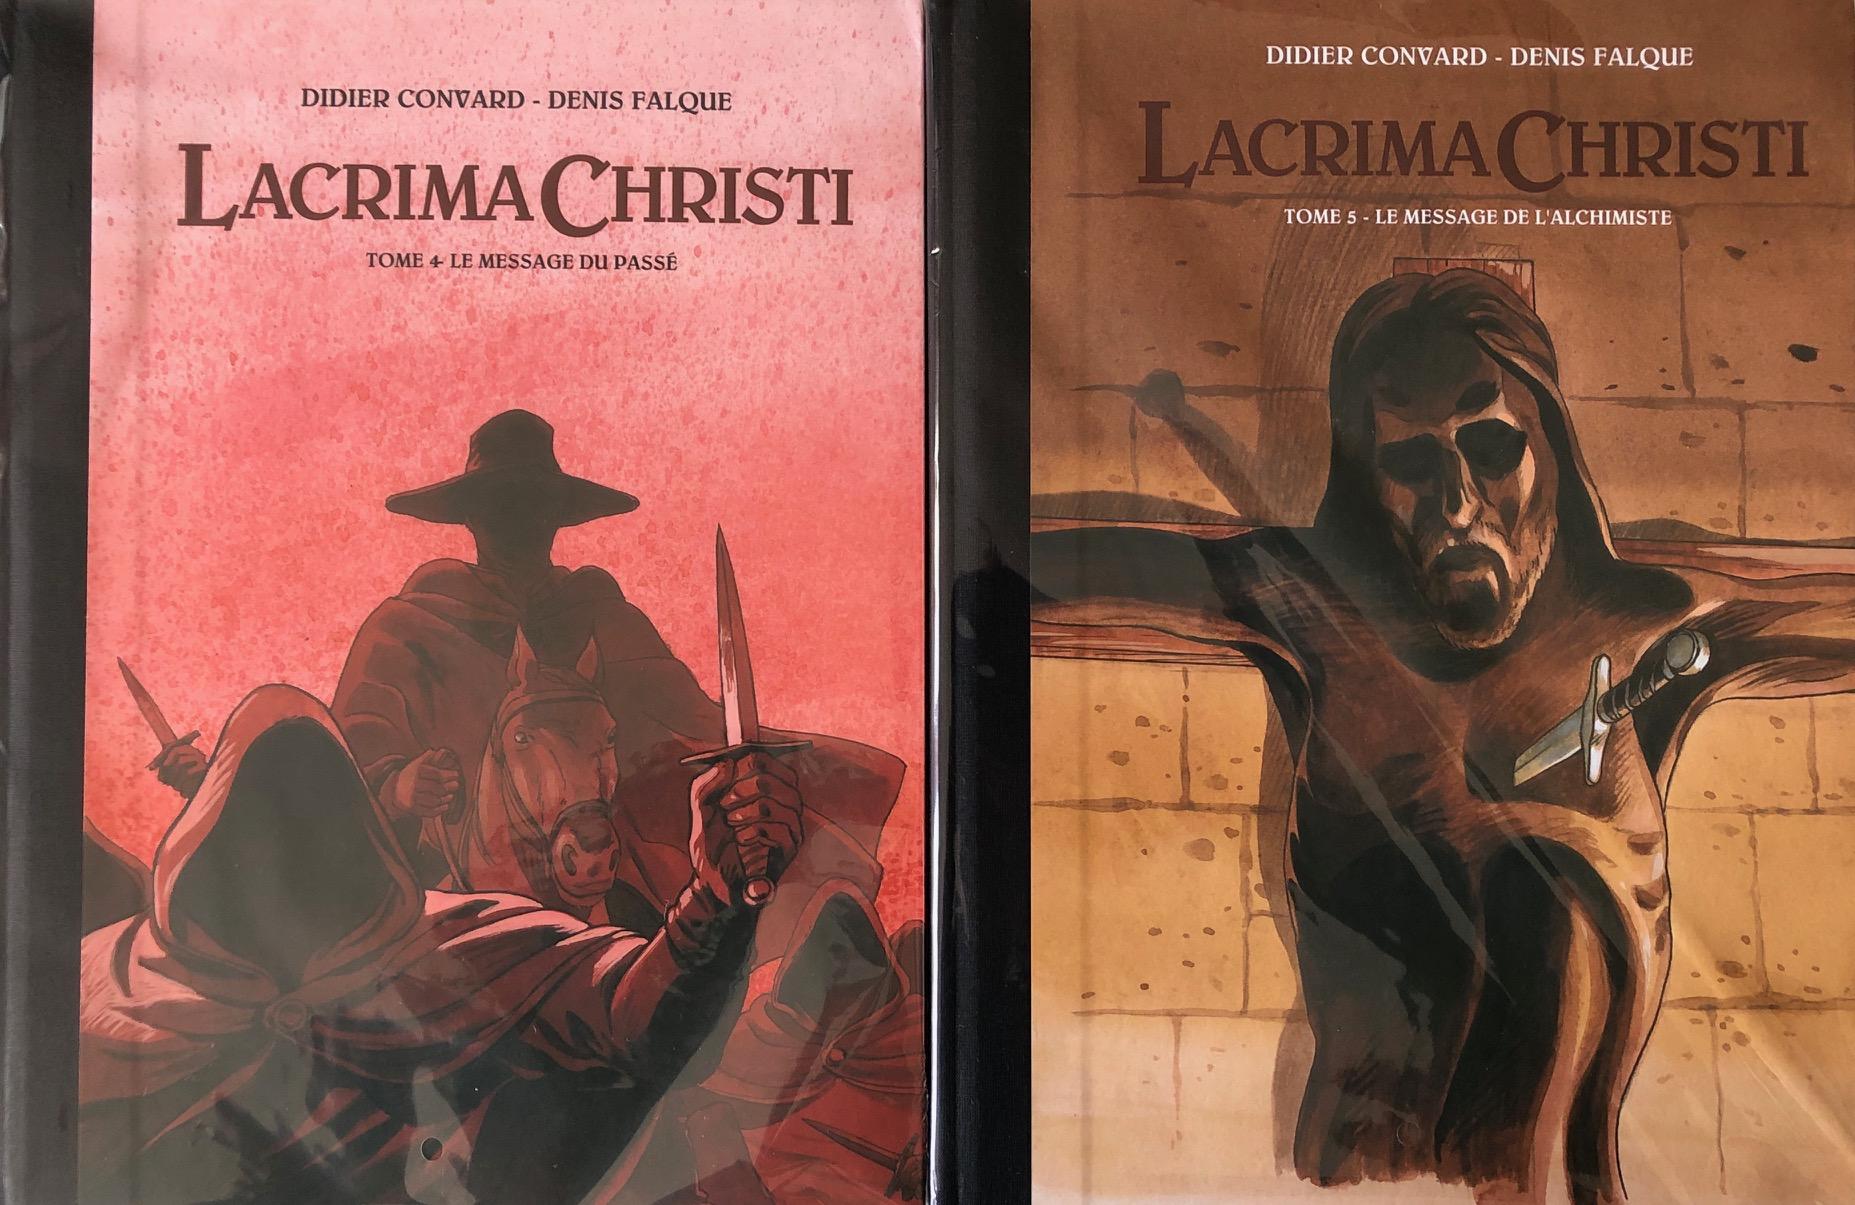 LACRIMA CHRISTI TIRAGE LUXE TOMES 4 ET 5